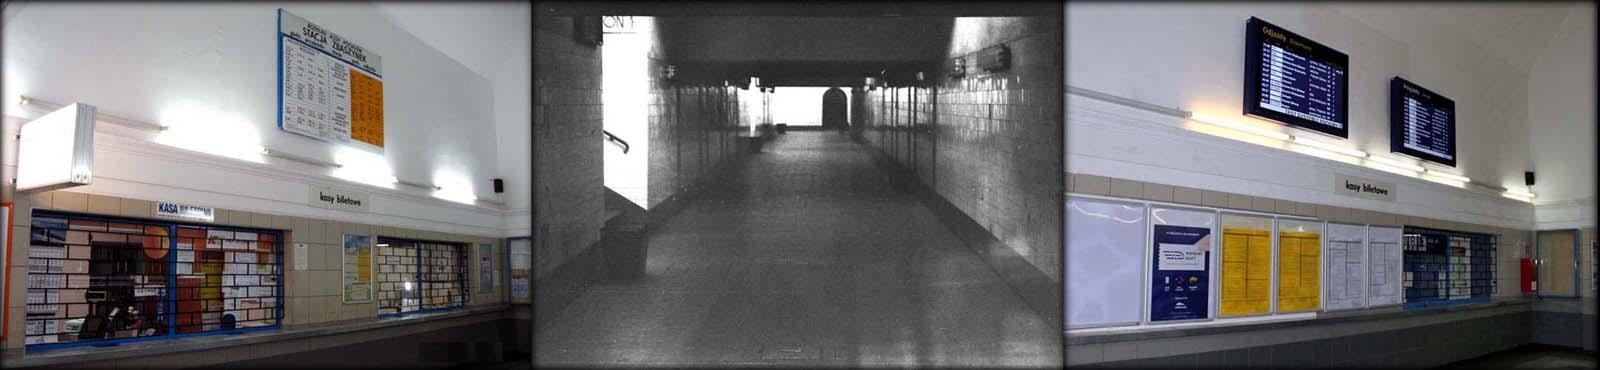 Od lewej: Poczekalnia w 2009, przejście podziemnie w 1986, poczekalnia w 2019 roku.